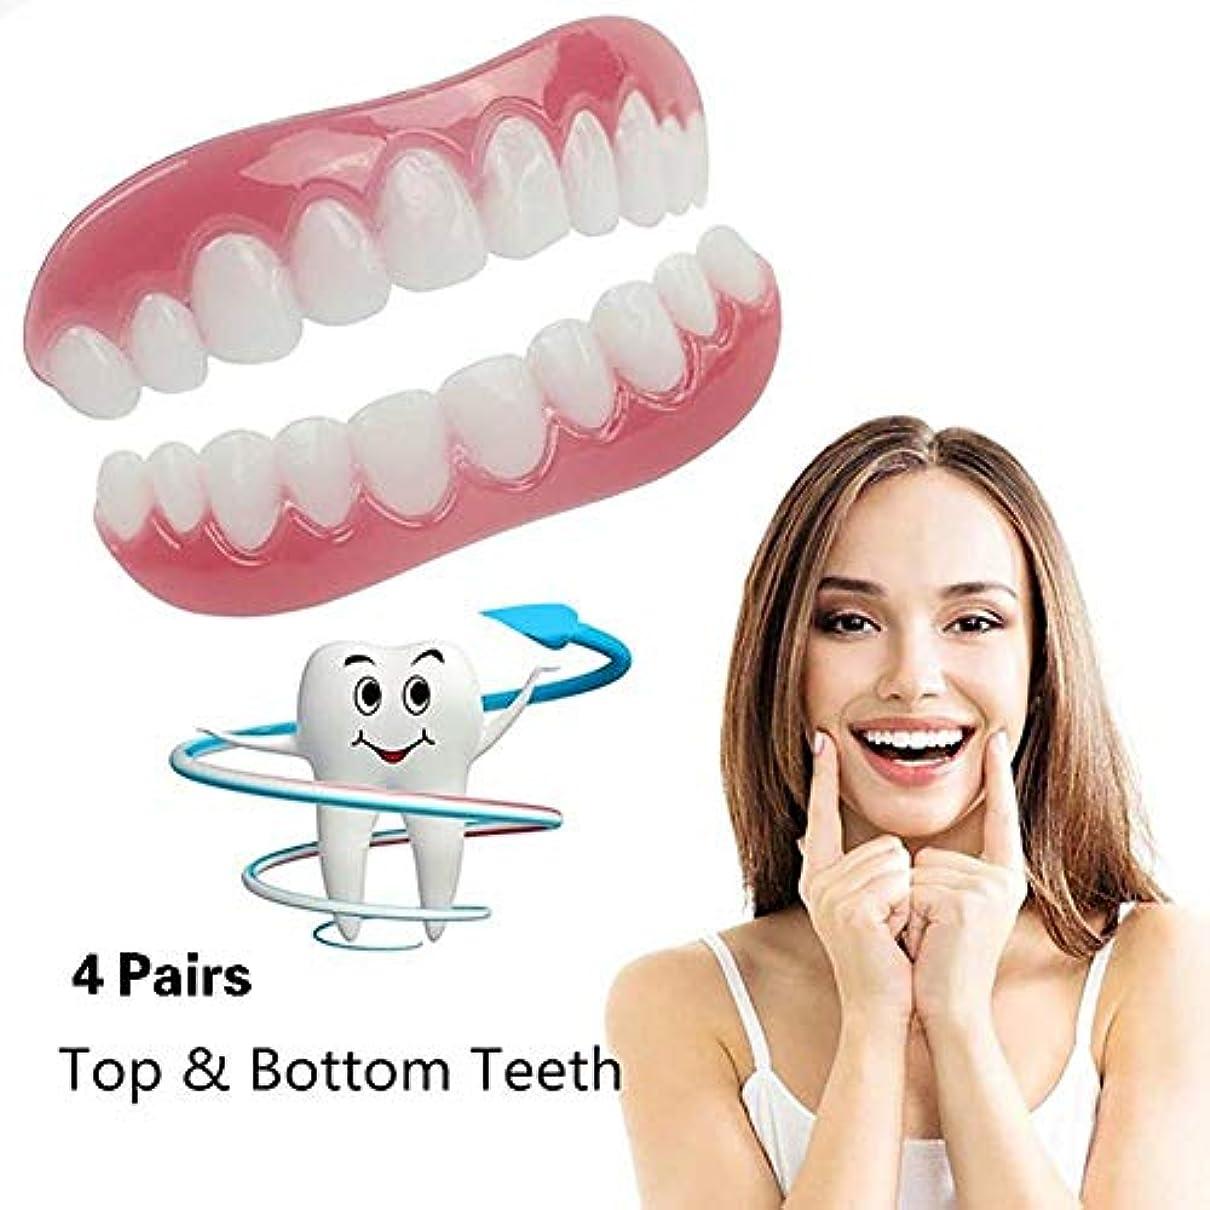 軽機動哀れなシリコーンの歯のベニヤ化粧品の歯のスナップのしっかりとした上部の低い屈曲の歯科ベニヤ義歯のケアを白くする完全な歯1つのサイズに収まるすべて